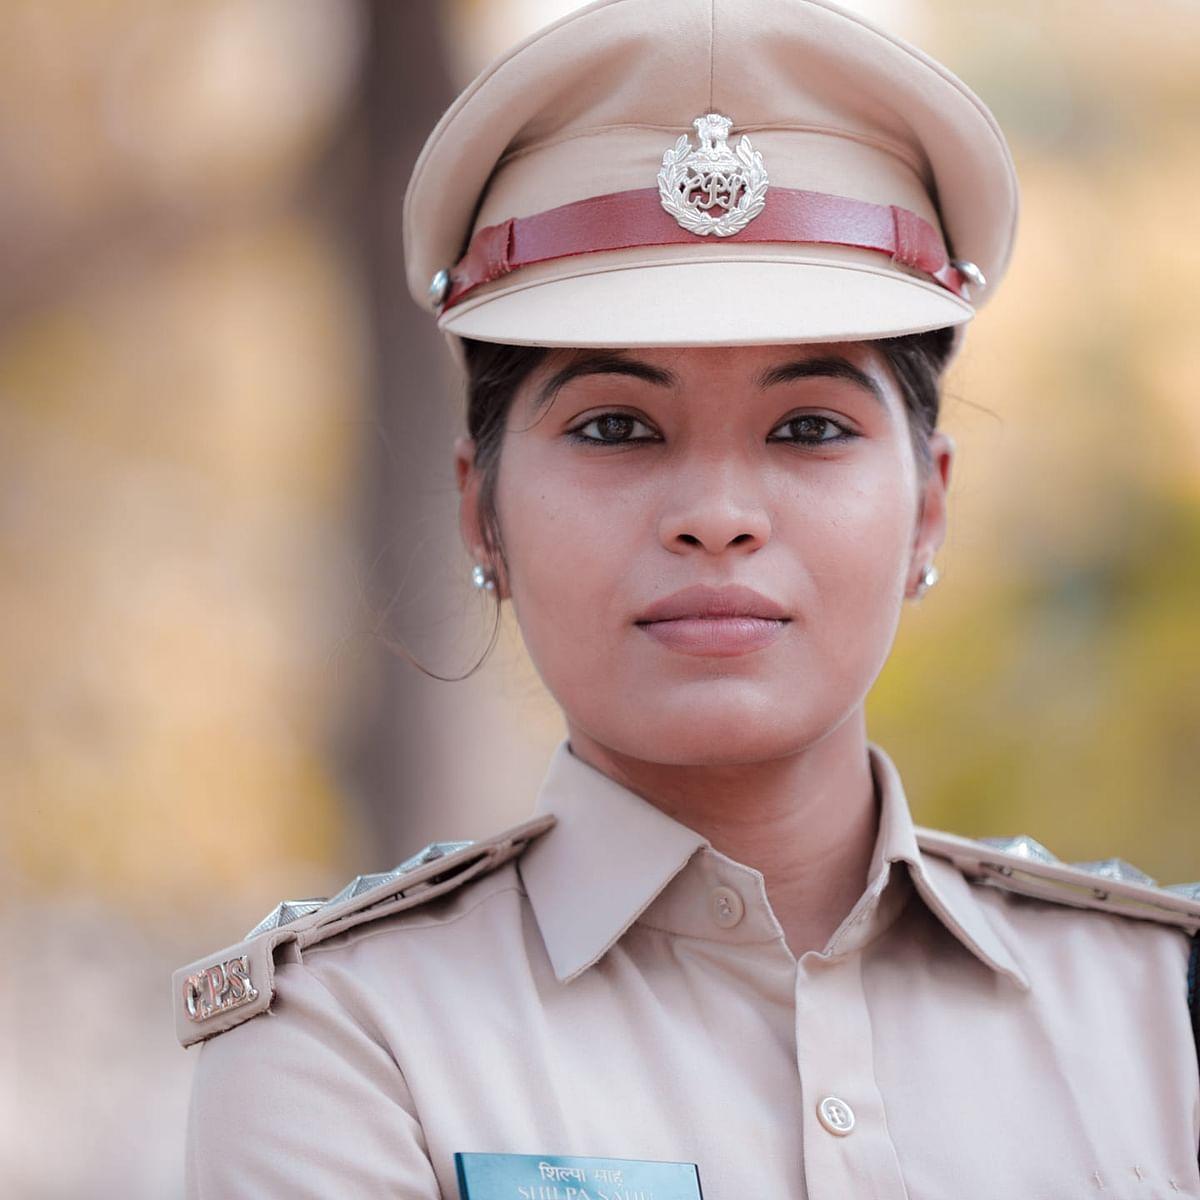 டி.எஸ்.பி ஷில்பா சாகு